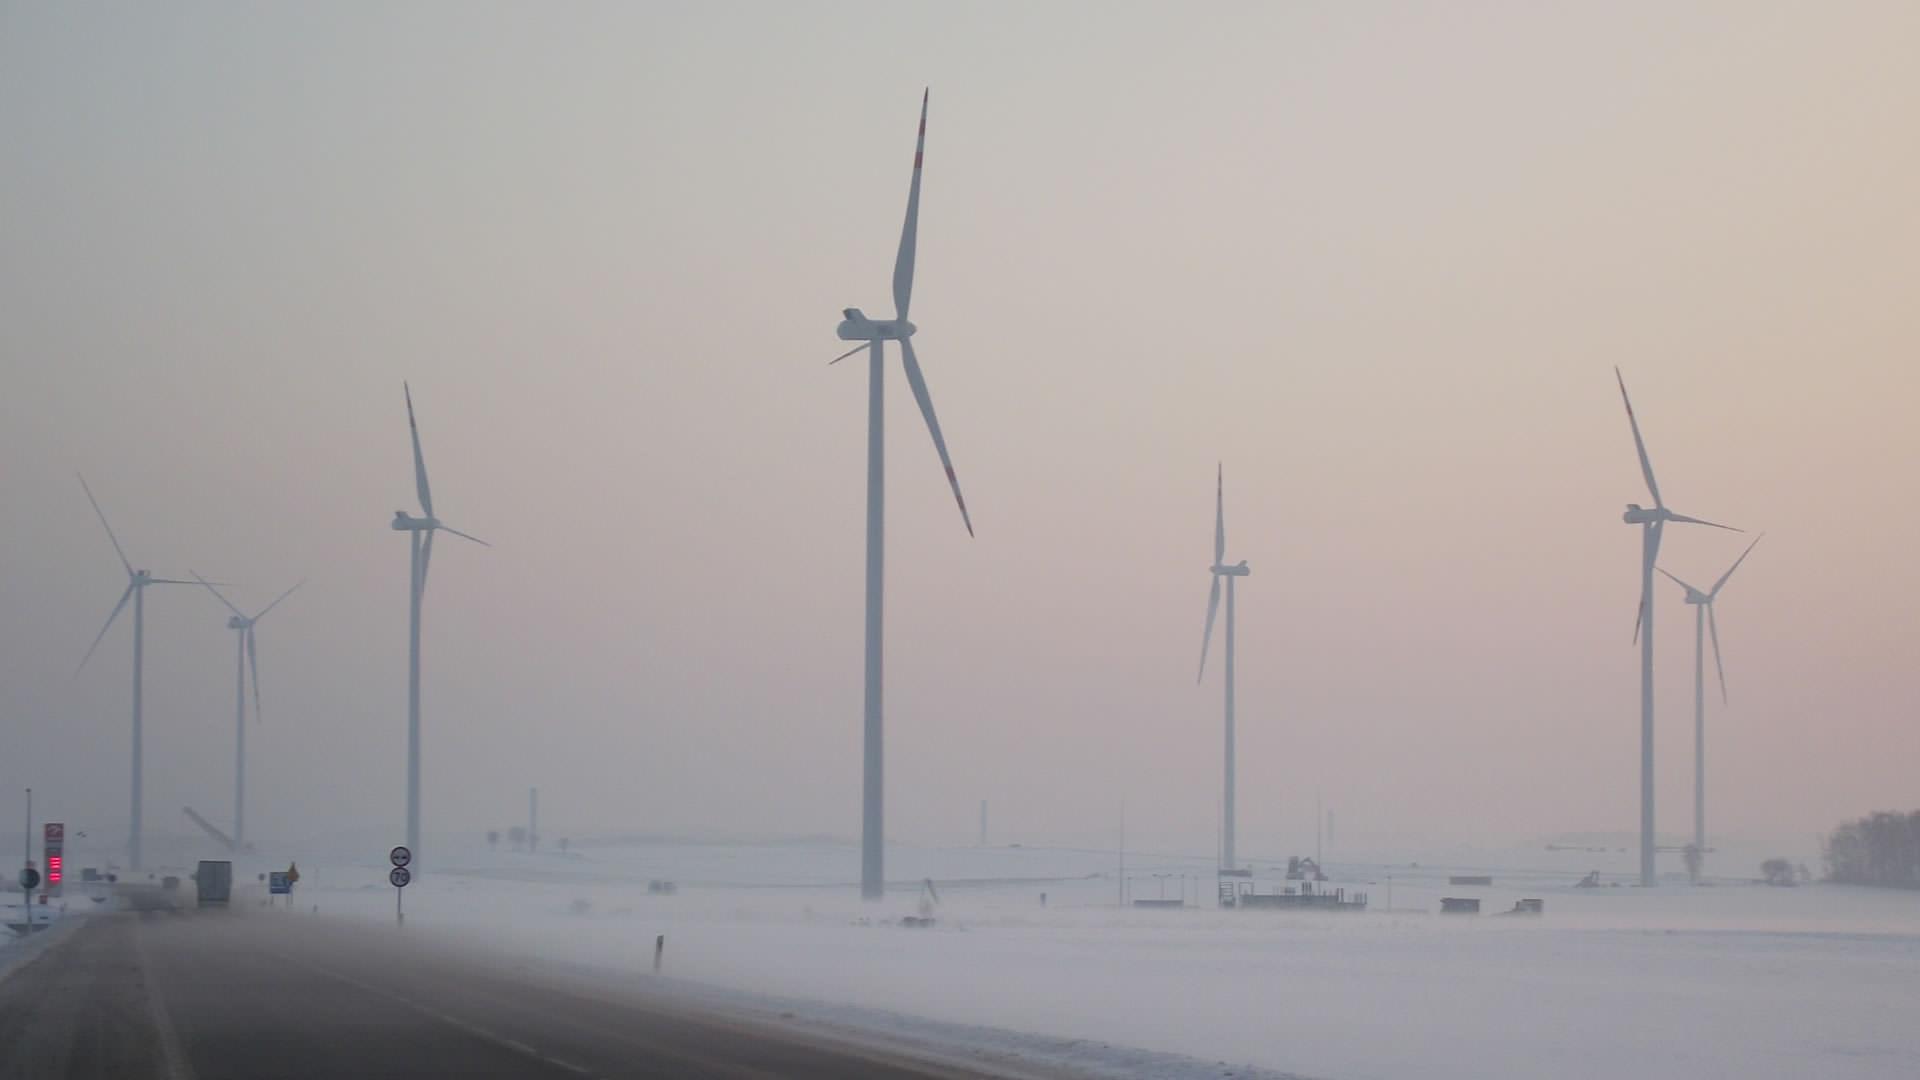 Jedrzychowice Wind Farm 3